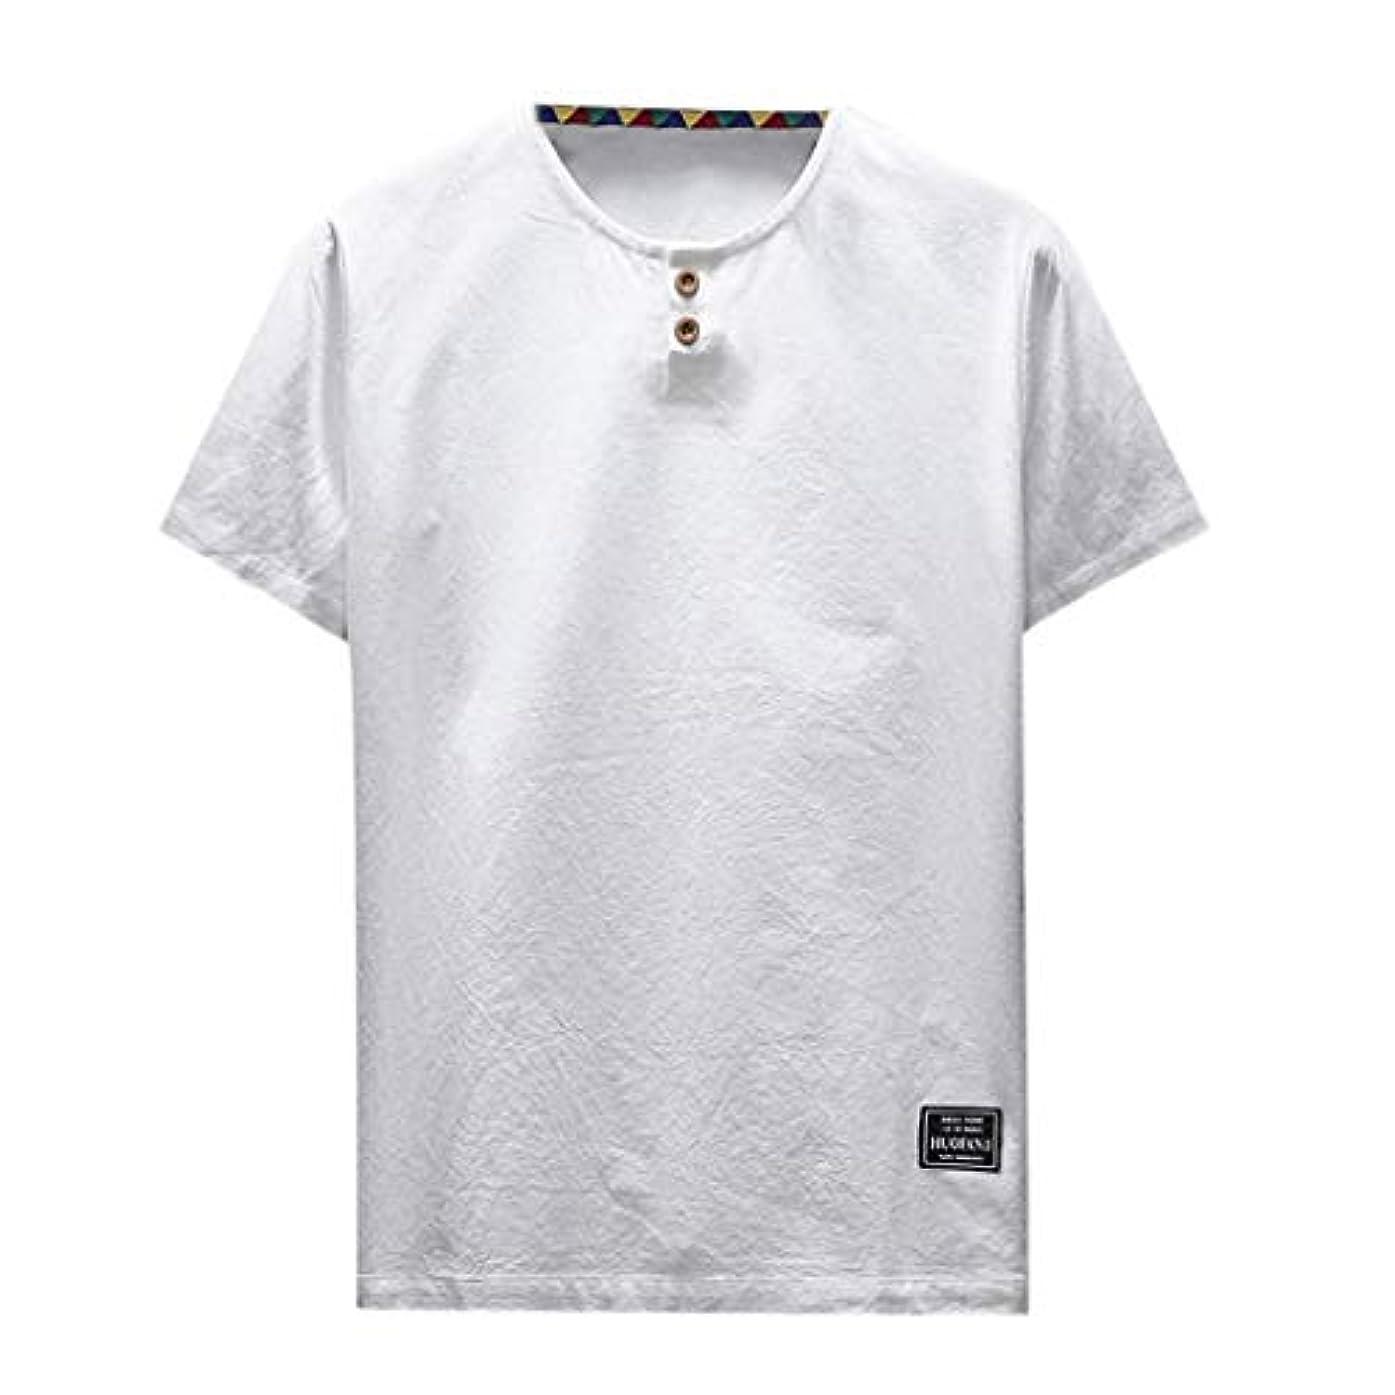 幻影衣類訴えるOD企画 Tシャツ メンズ 半袖 シャツ メンズ tシャツ メンズ おおきいサイズ 日系 綿麻 丸首 半袖シャツ シャツ 半袖 ブラウス トップス ゆるtシャツ 春夏節対応 おしゃれ ゆったり カットソー ファッション 夏服